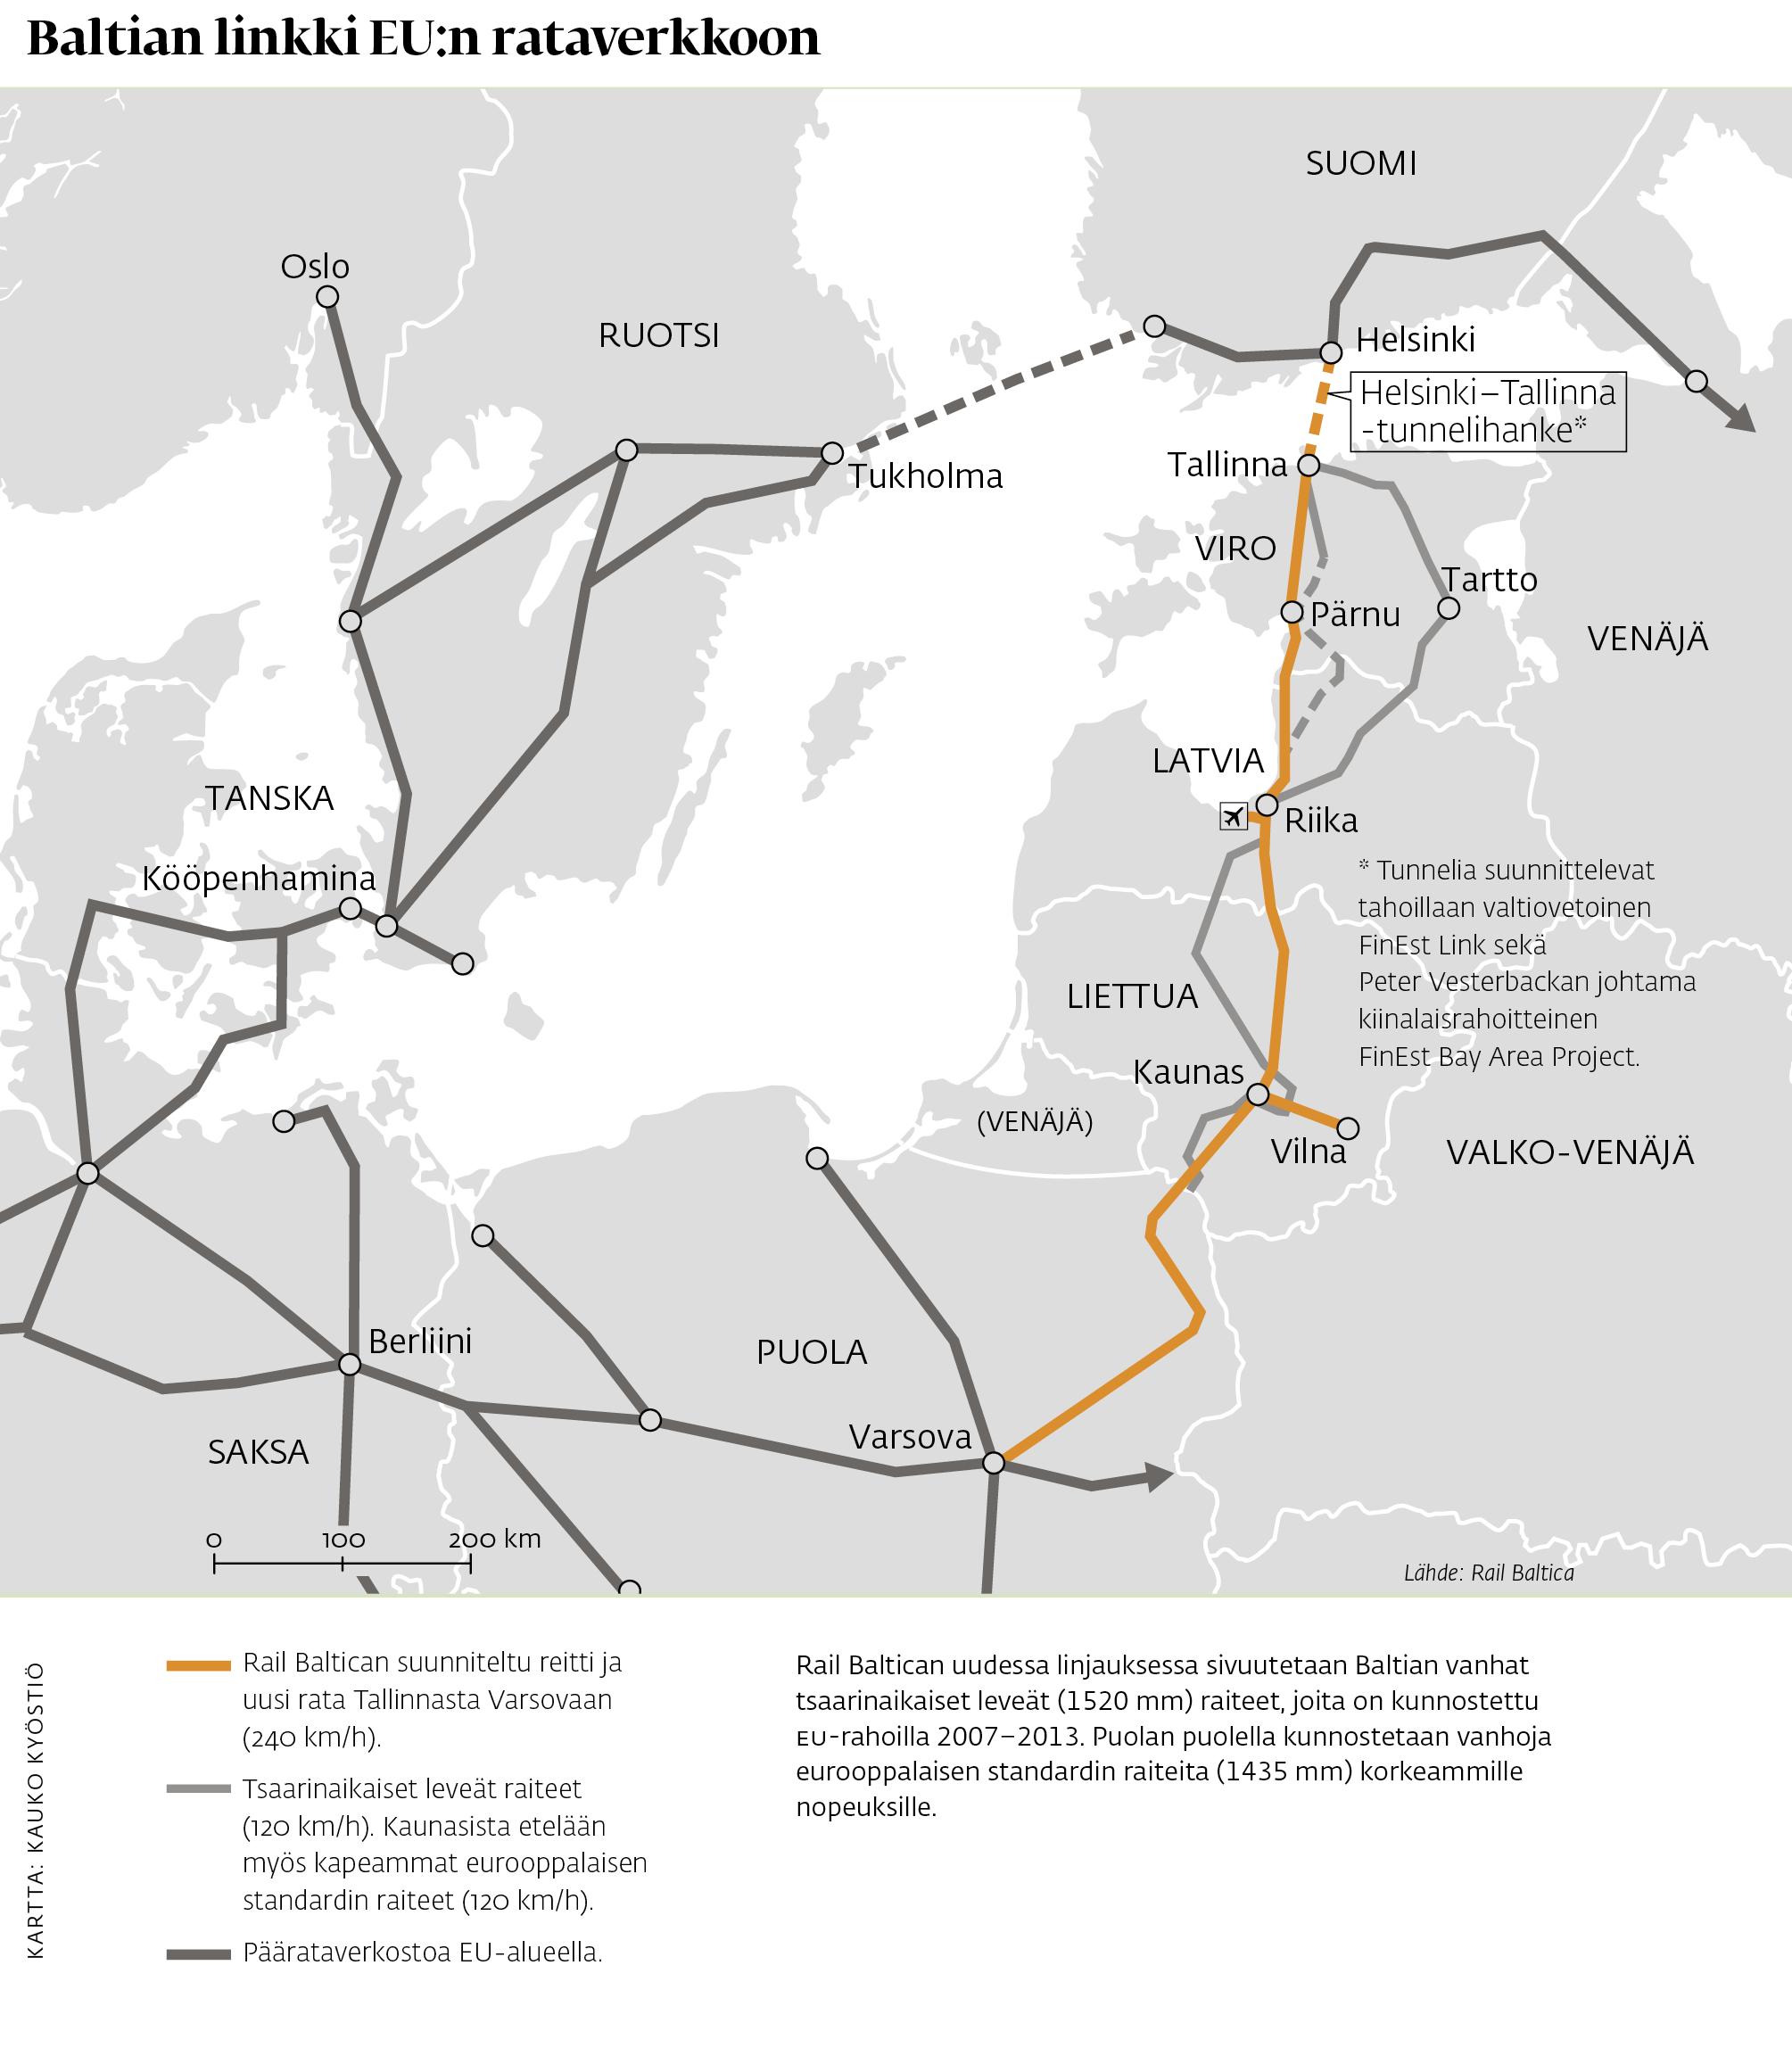 Rail Baltican uudessa linjauksessa sivuutetaan Baltian vanhat tsaarinaikaiset leveät (1520 mm) raiteet, joita on kunnostettu EU-rahoilla 2007–2013. Puolan puolella kunnostetaan vanhoja eurooppalaisen standardin raiteita (1435 mm) korkeammille nopeuksille. Kartta: Kauko Kyöstiö